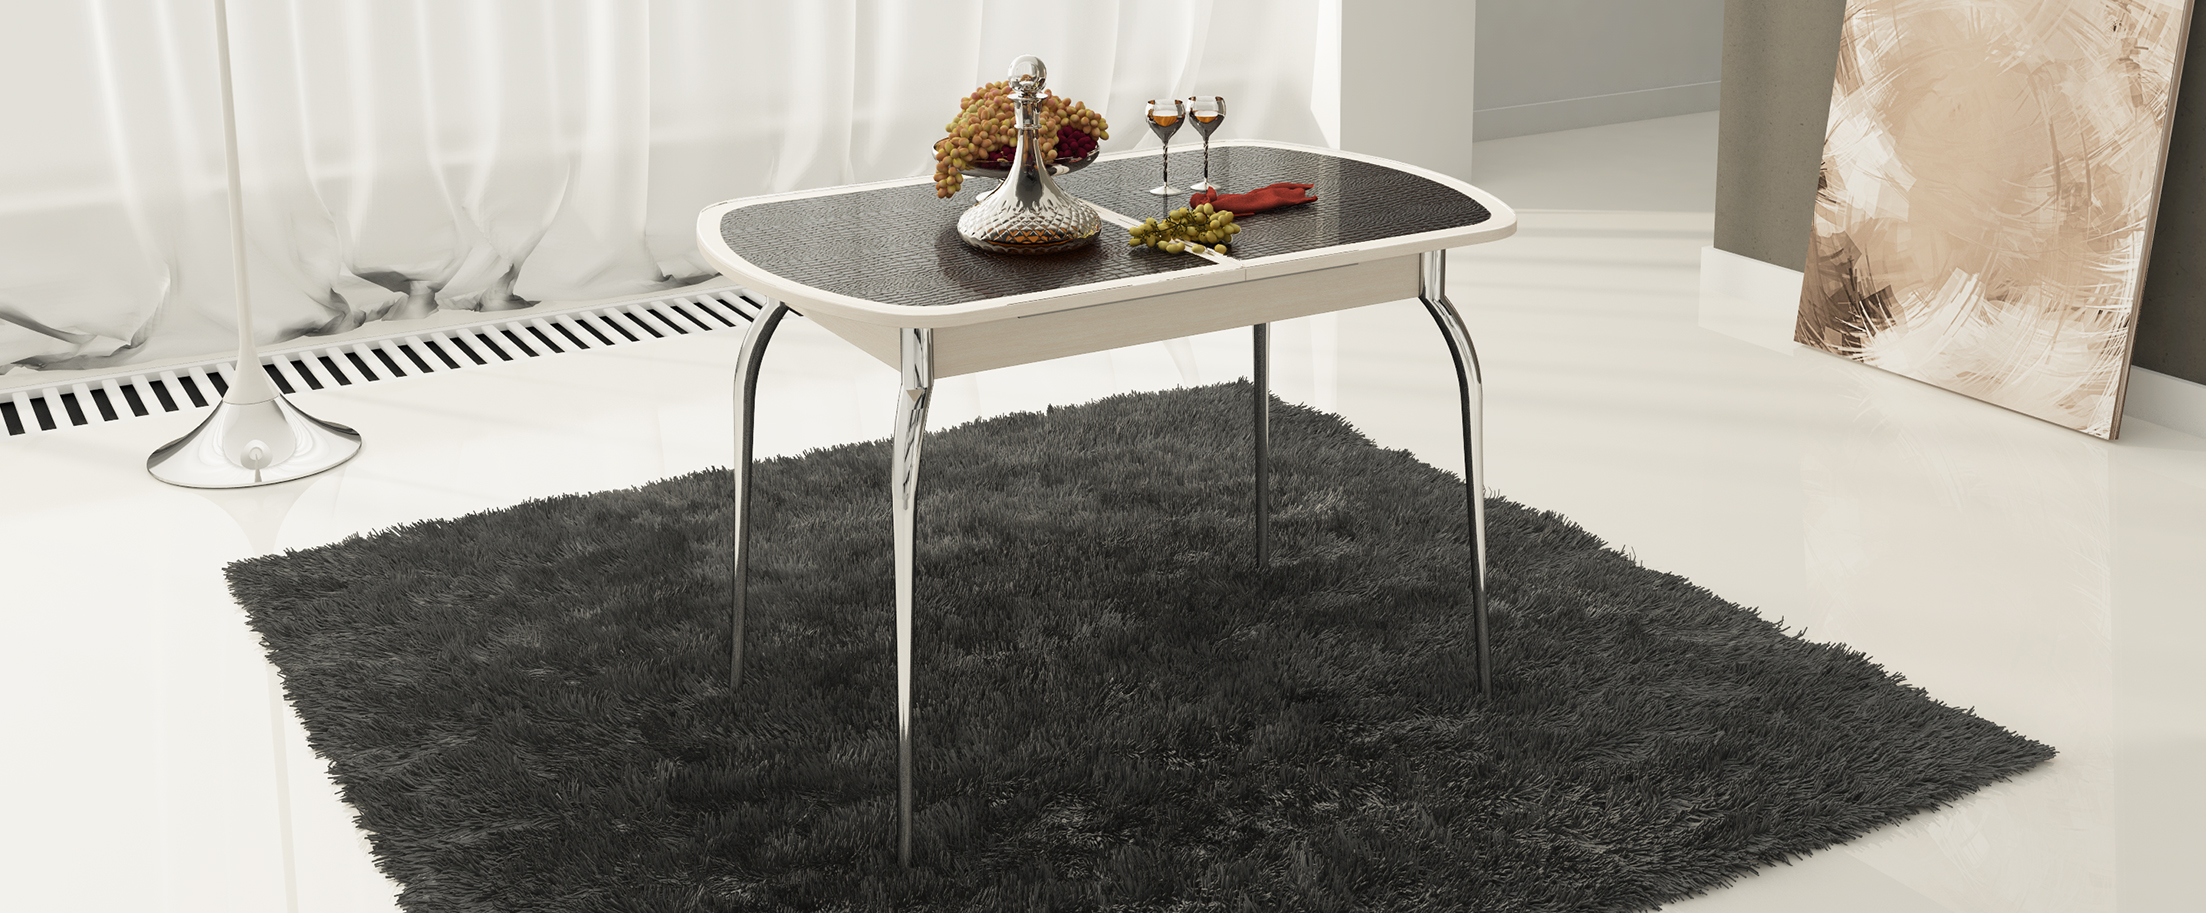 Стол обеденный Ницца Модель 3030Основание стола выполнено из стильного хромированного металла, придающего кухне современный и респектабельный вид<br>